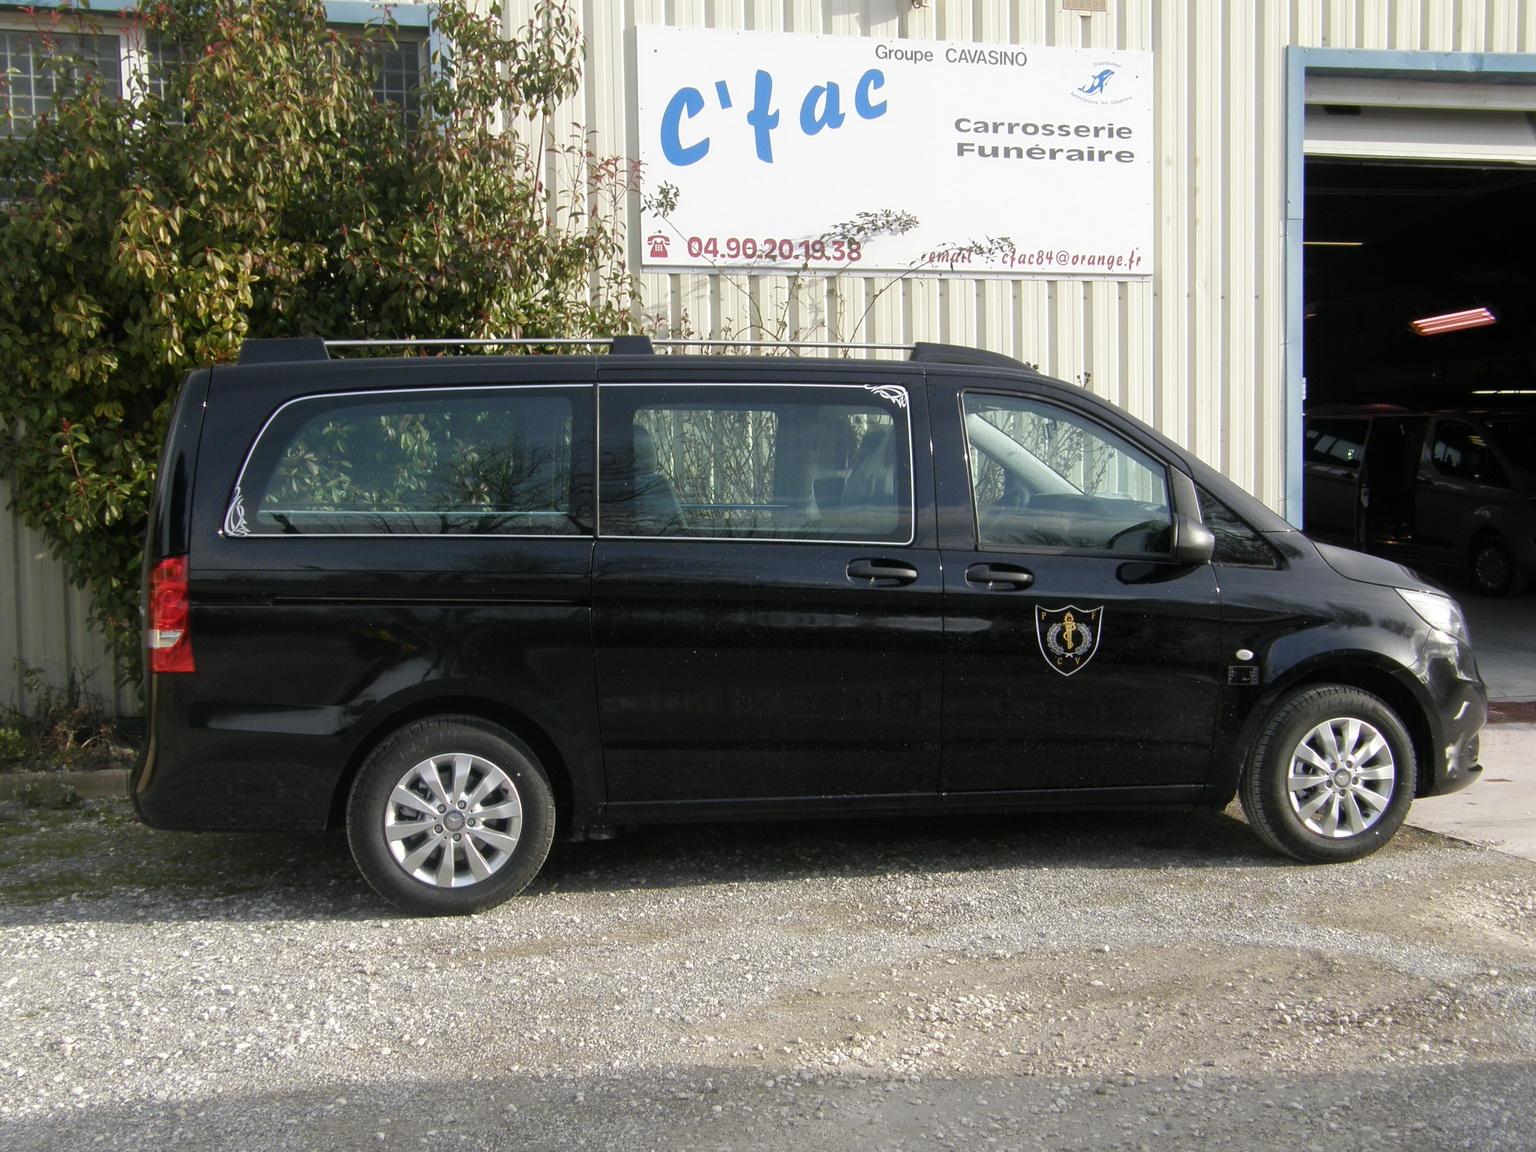 vehicule funeraire vito